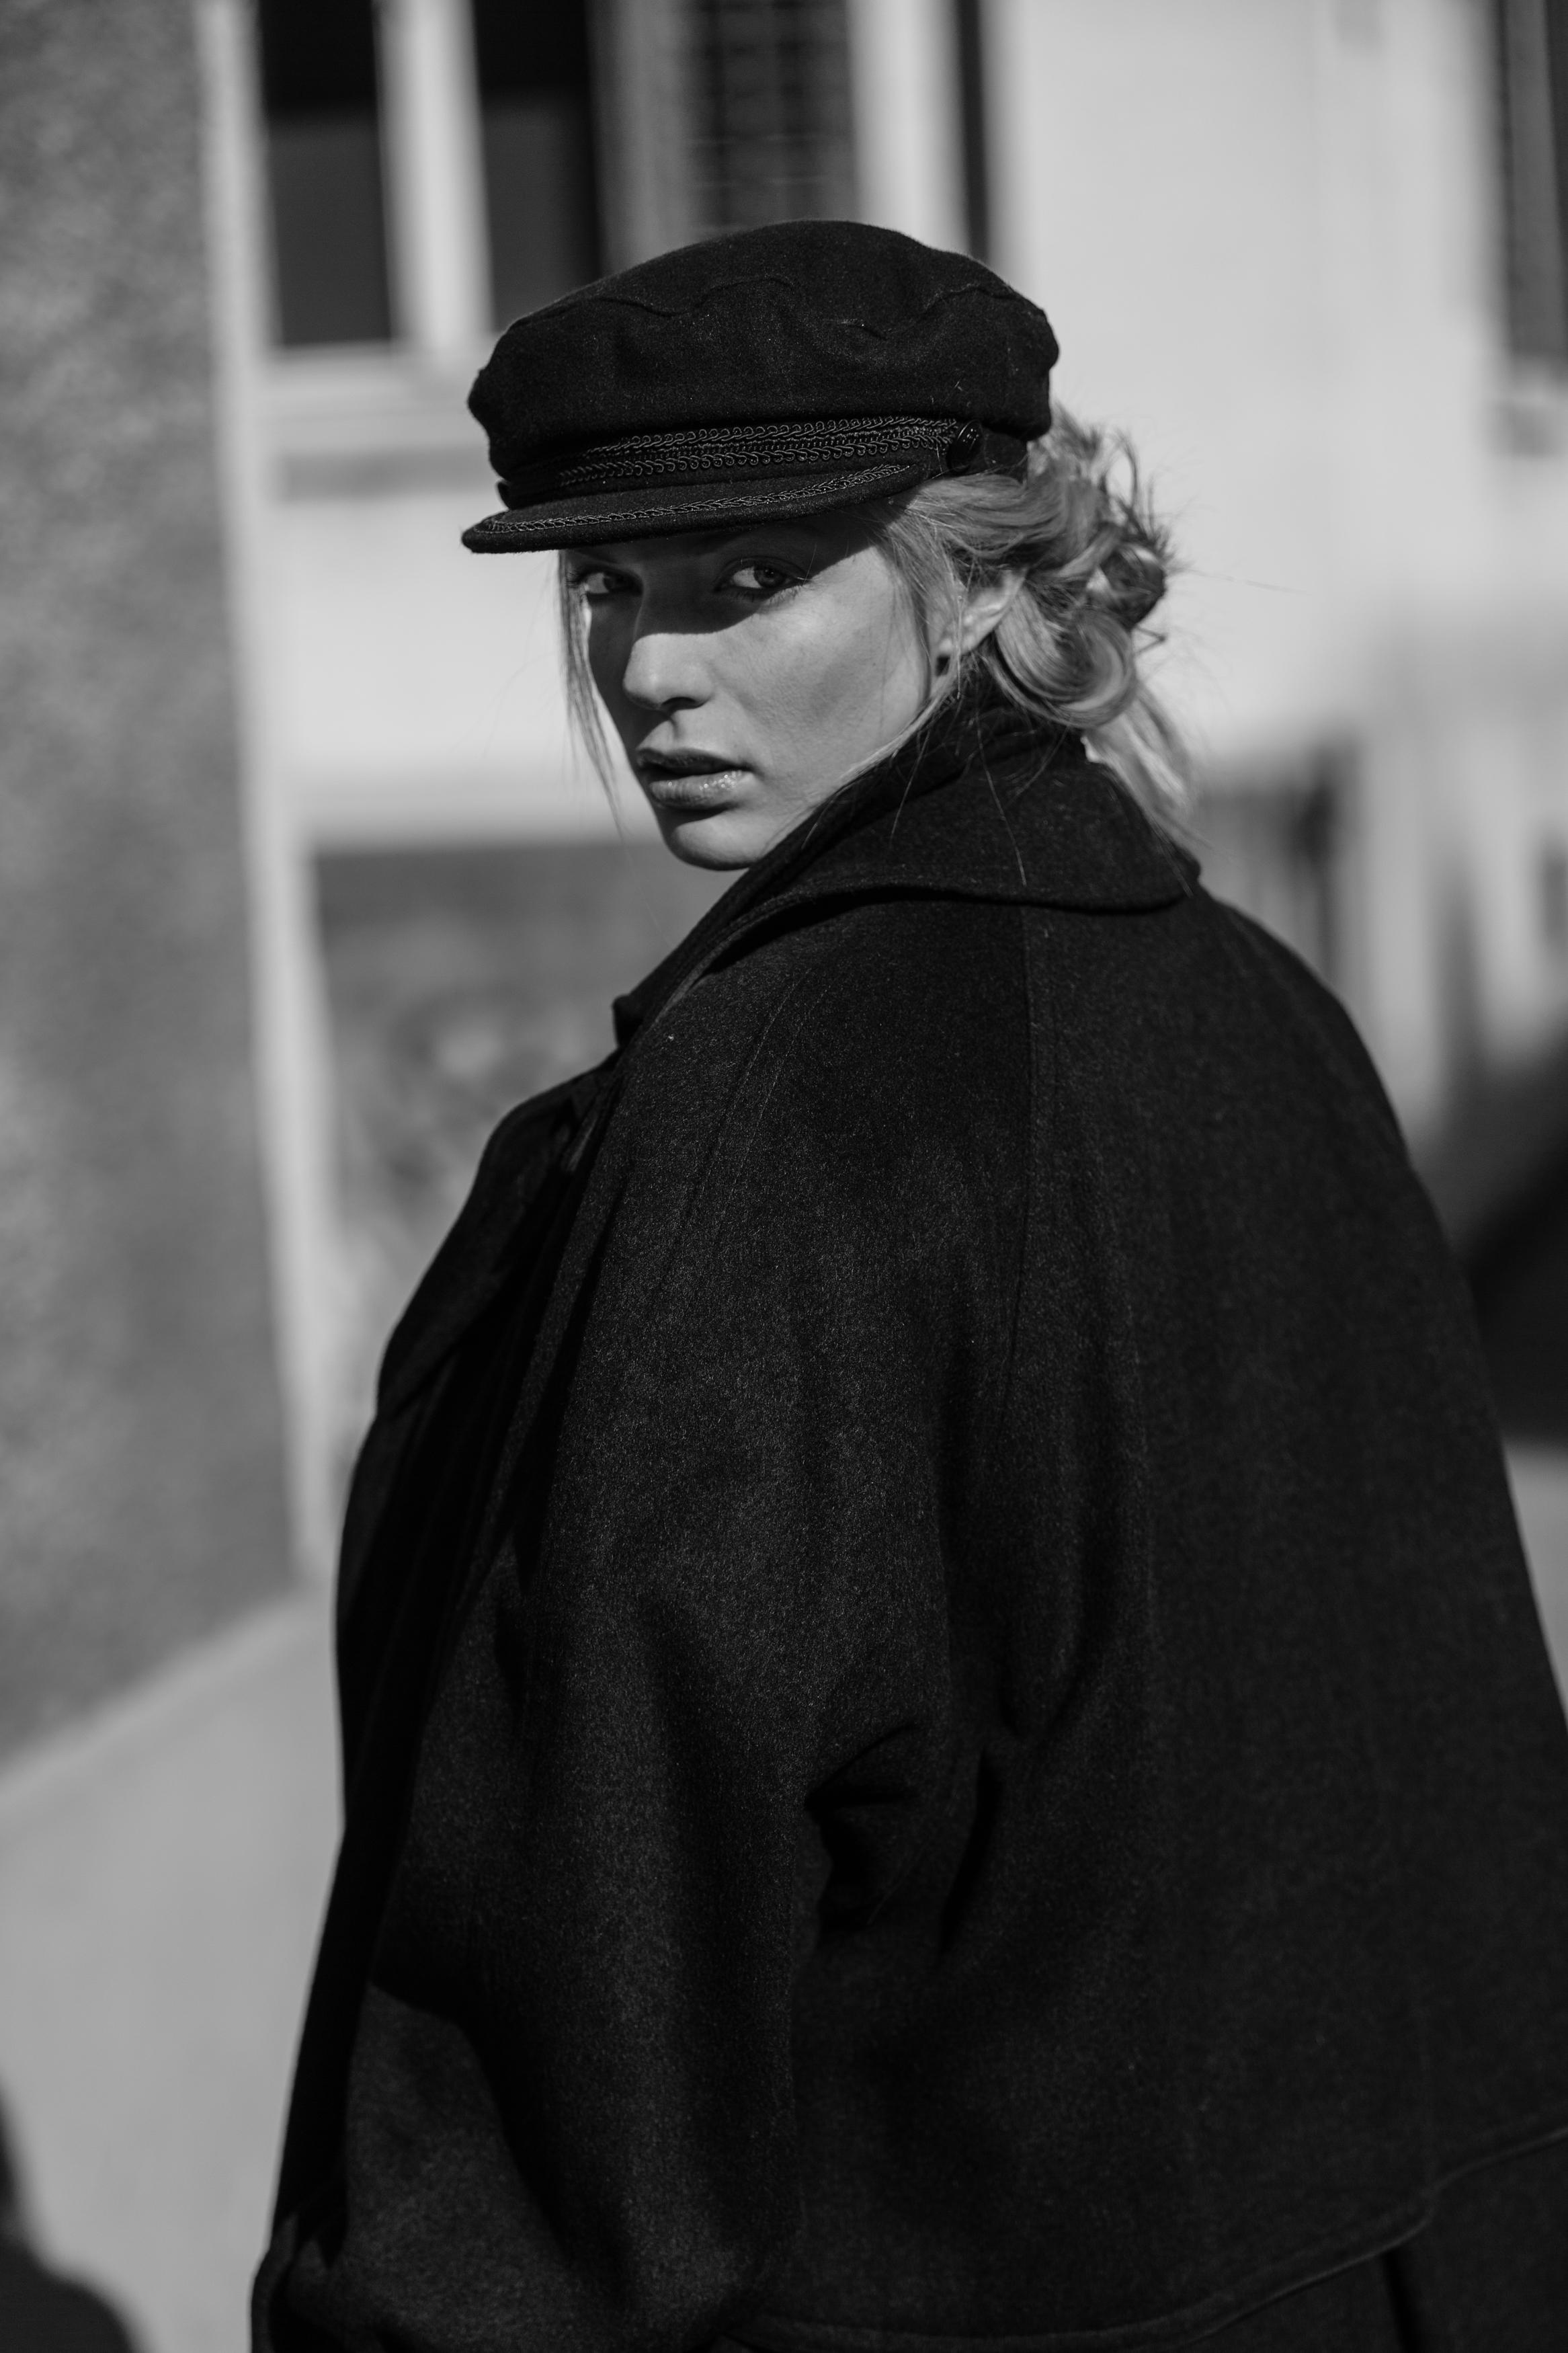 Wael Alchach Photography